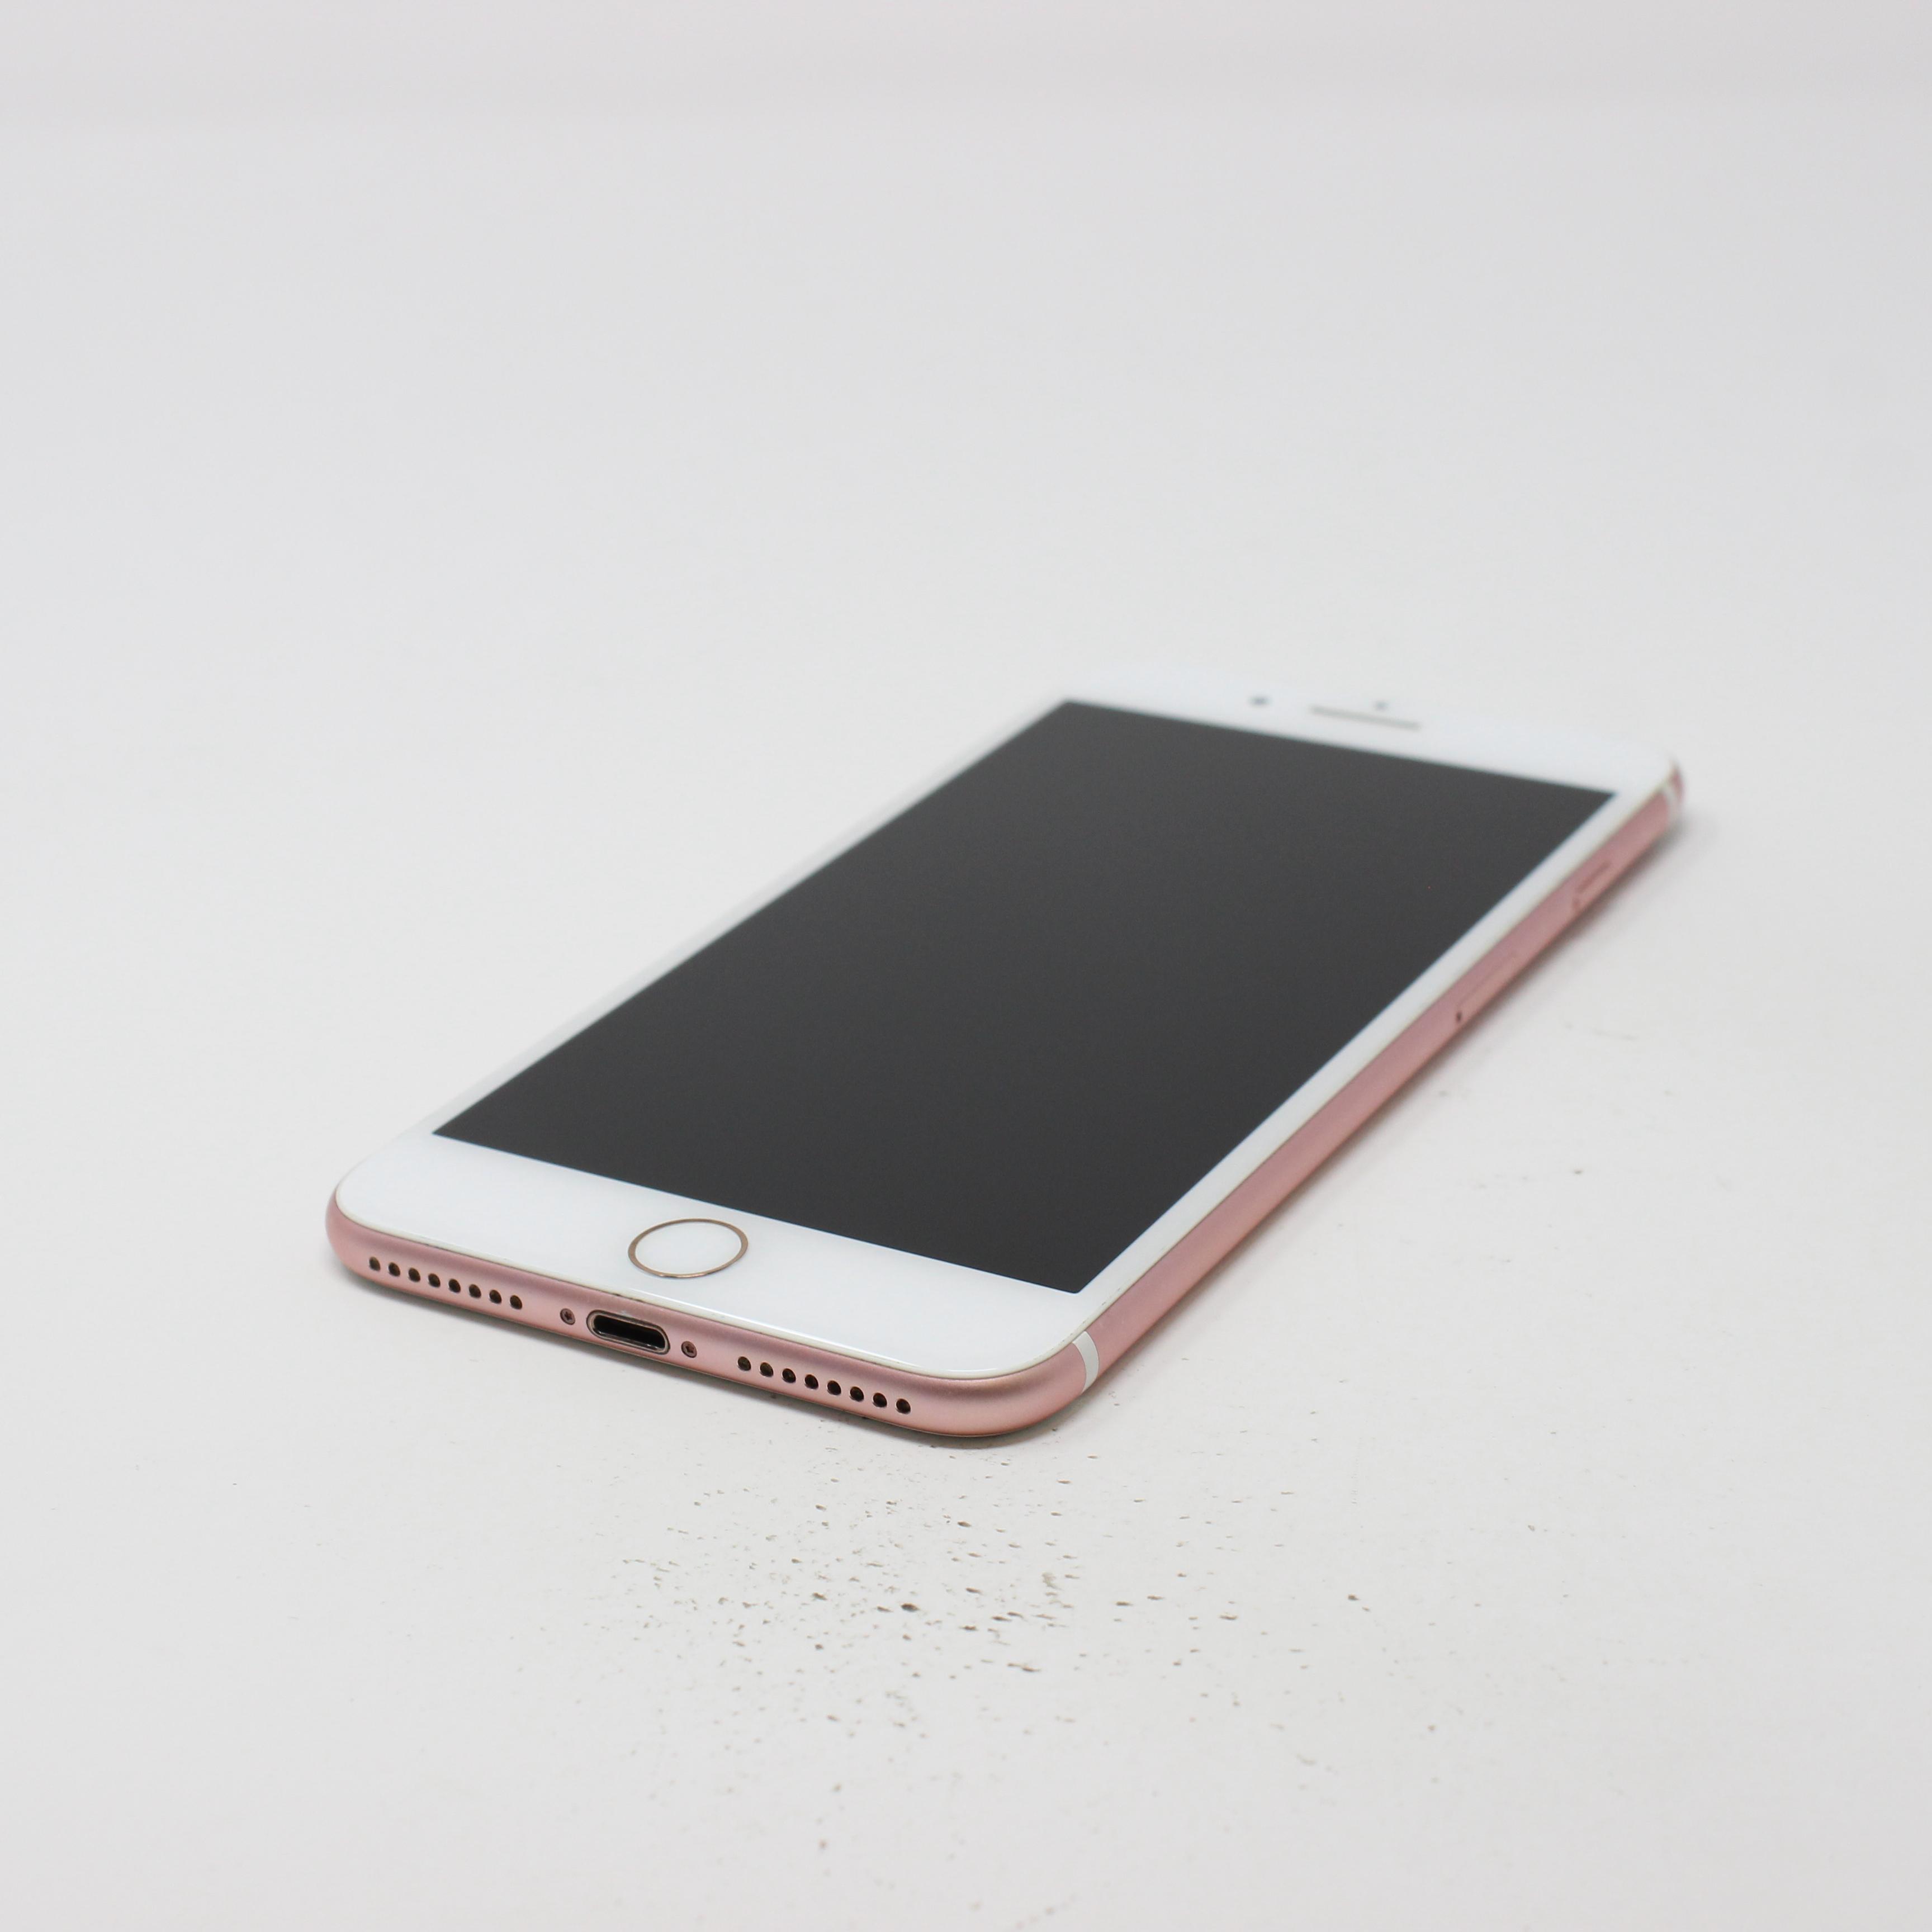 iPhone 7 Plus 256GB Rose Gold - AT&T photo 6 | UpTradeit.com